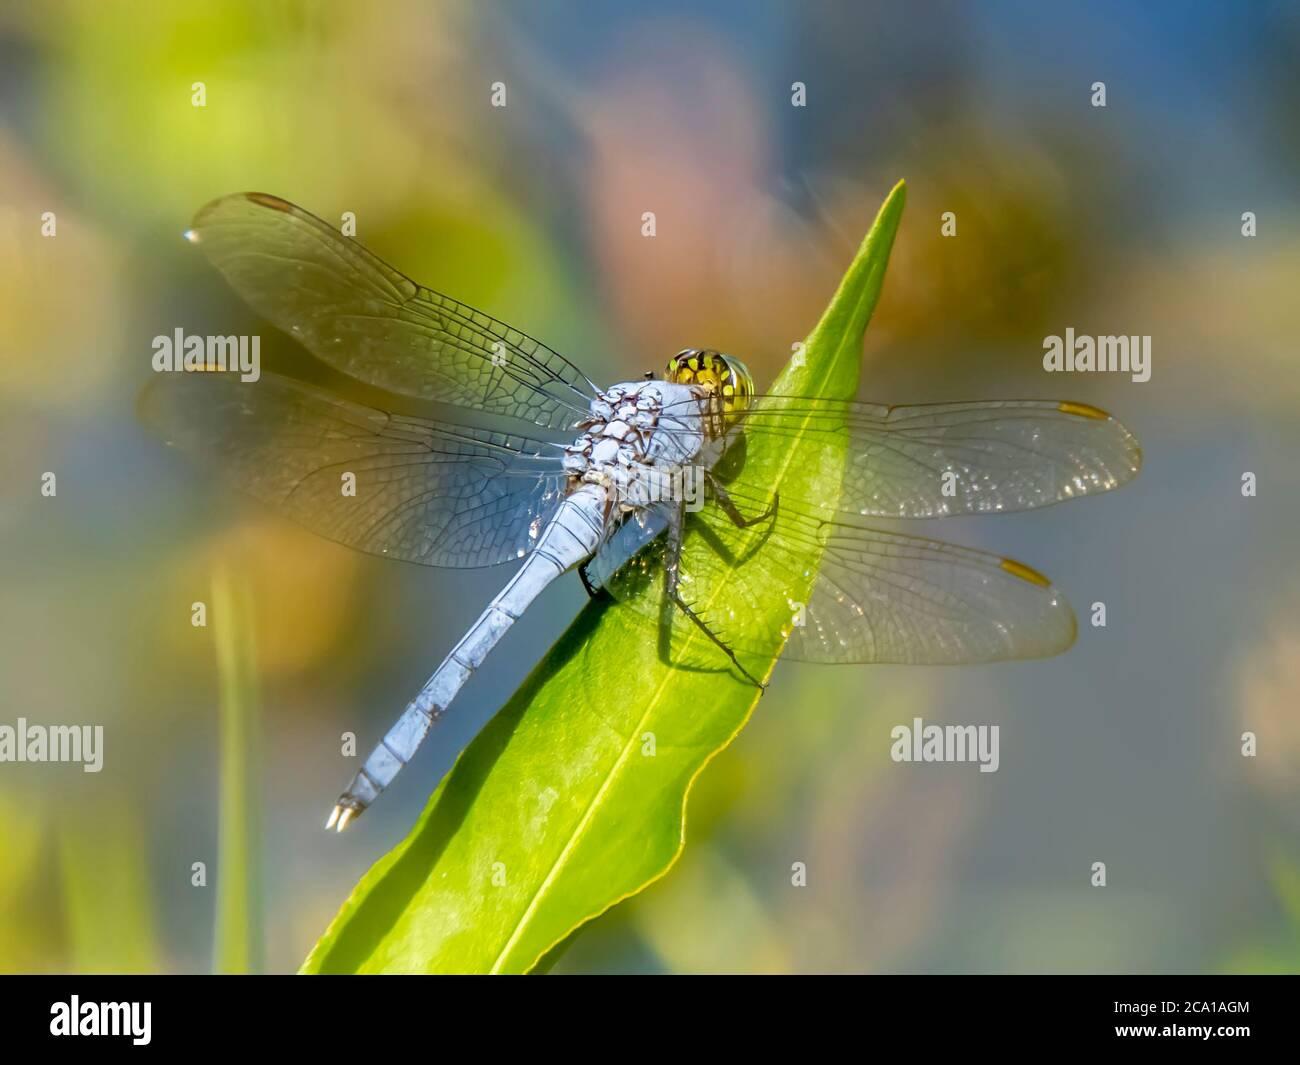 Gros plan de la libellule mâle Eastern ou Common Pondhawk prise dans la réserve Deer Prairie Creek, dans North Port Florida, États-Unis Banque D'Images